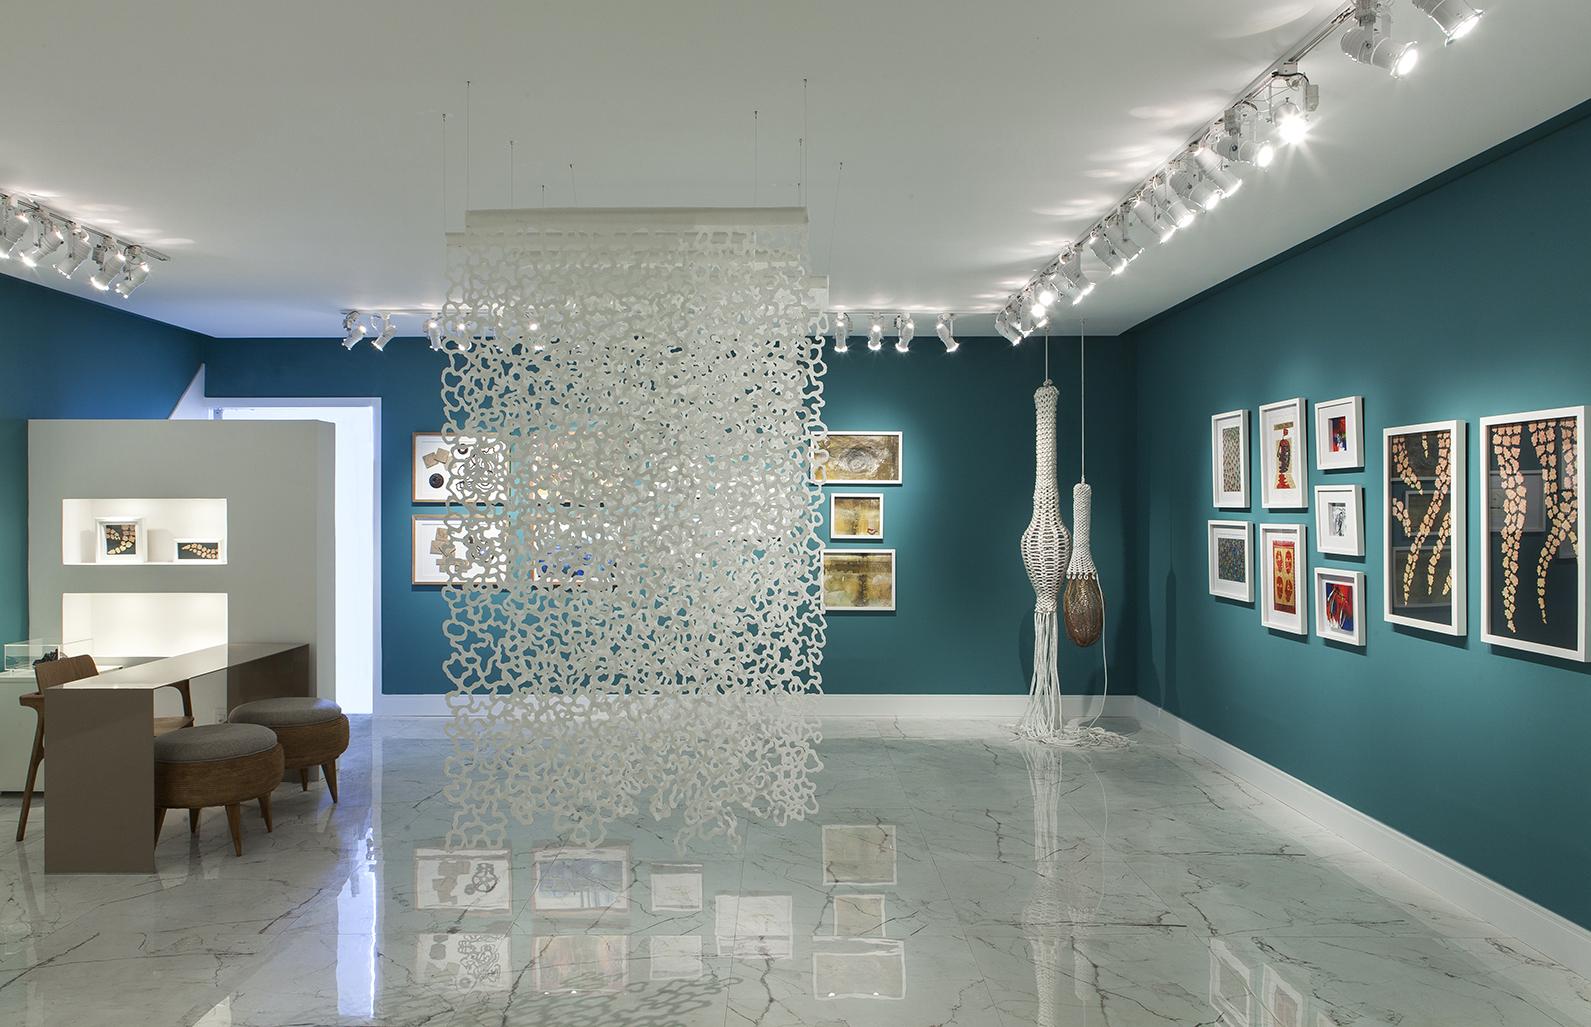 Galeria De Fotos Mostra Ambientes Da Casa Cor 2017 Galeria  -> Fotos De Ambientes